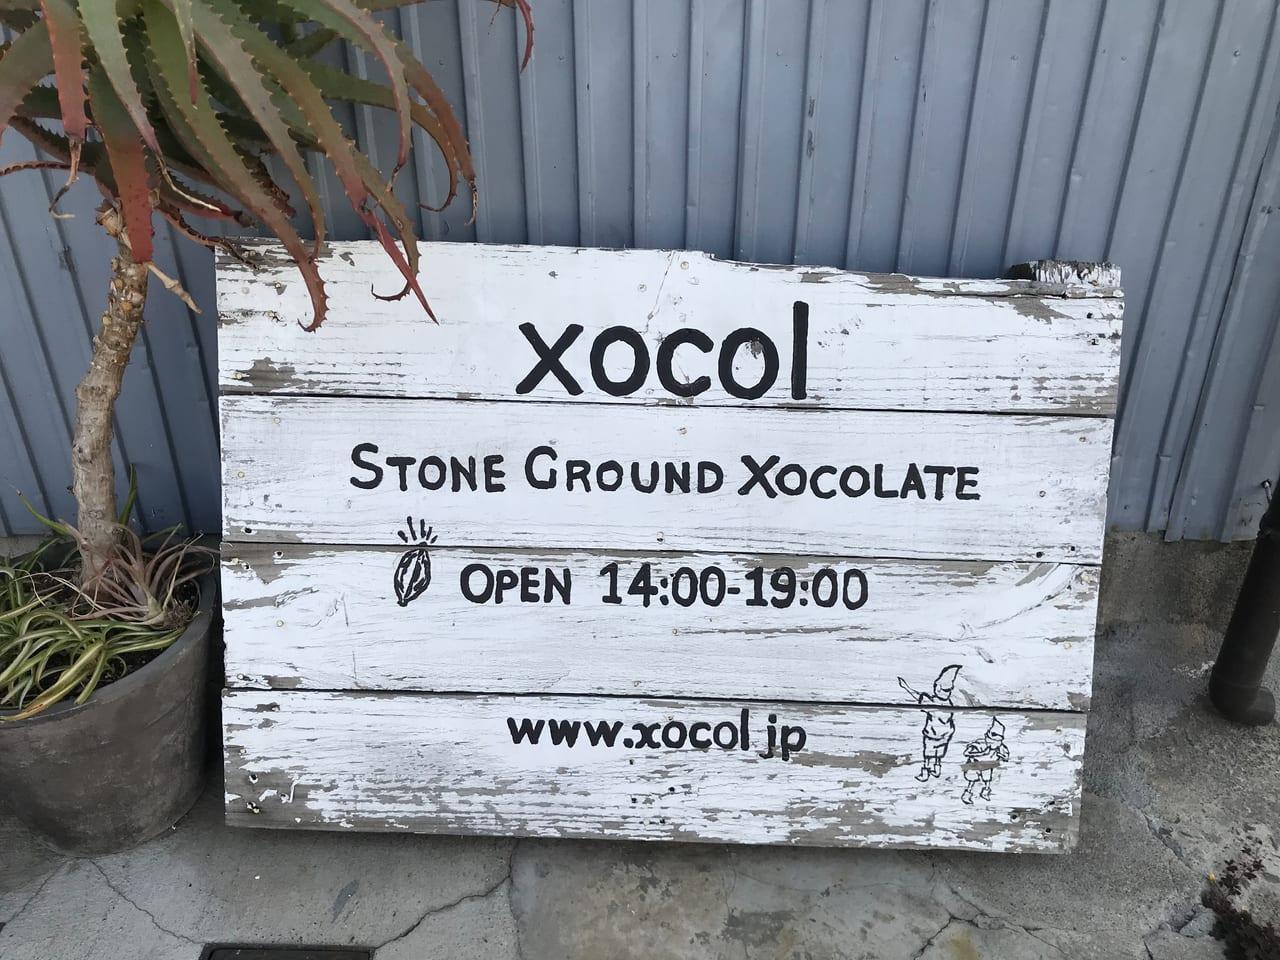 世田谷区等々力xocolショコル移転オープン